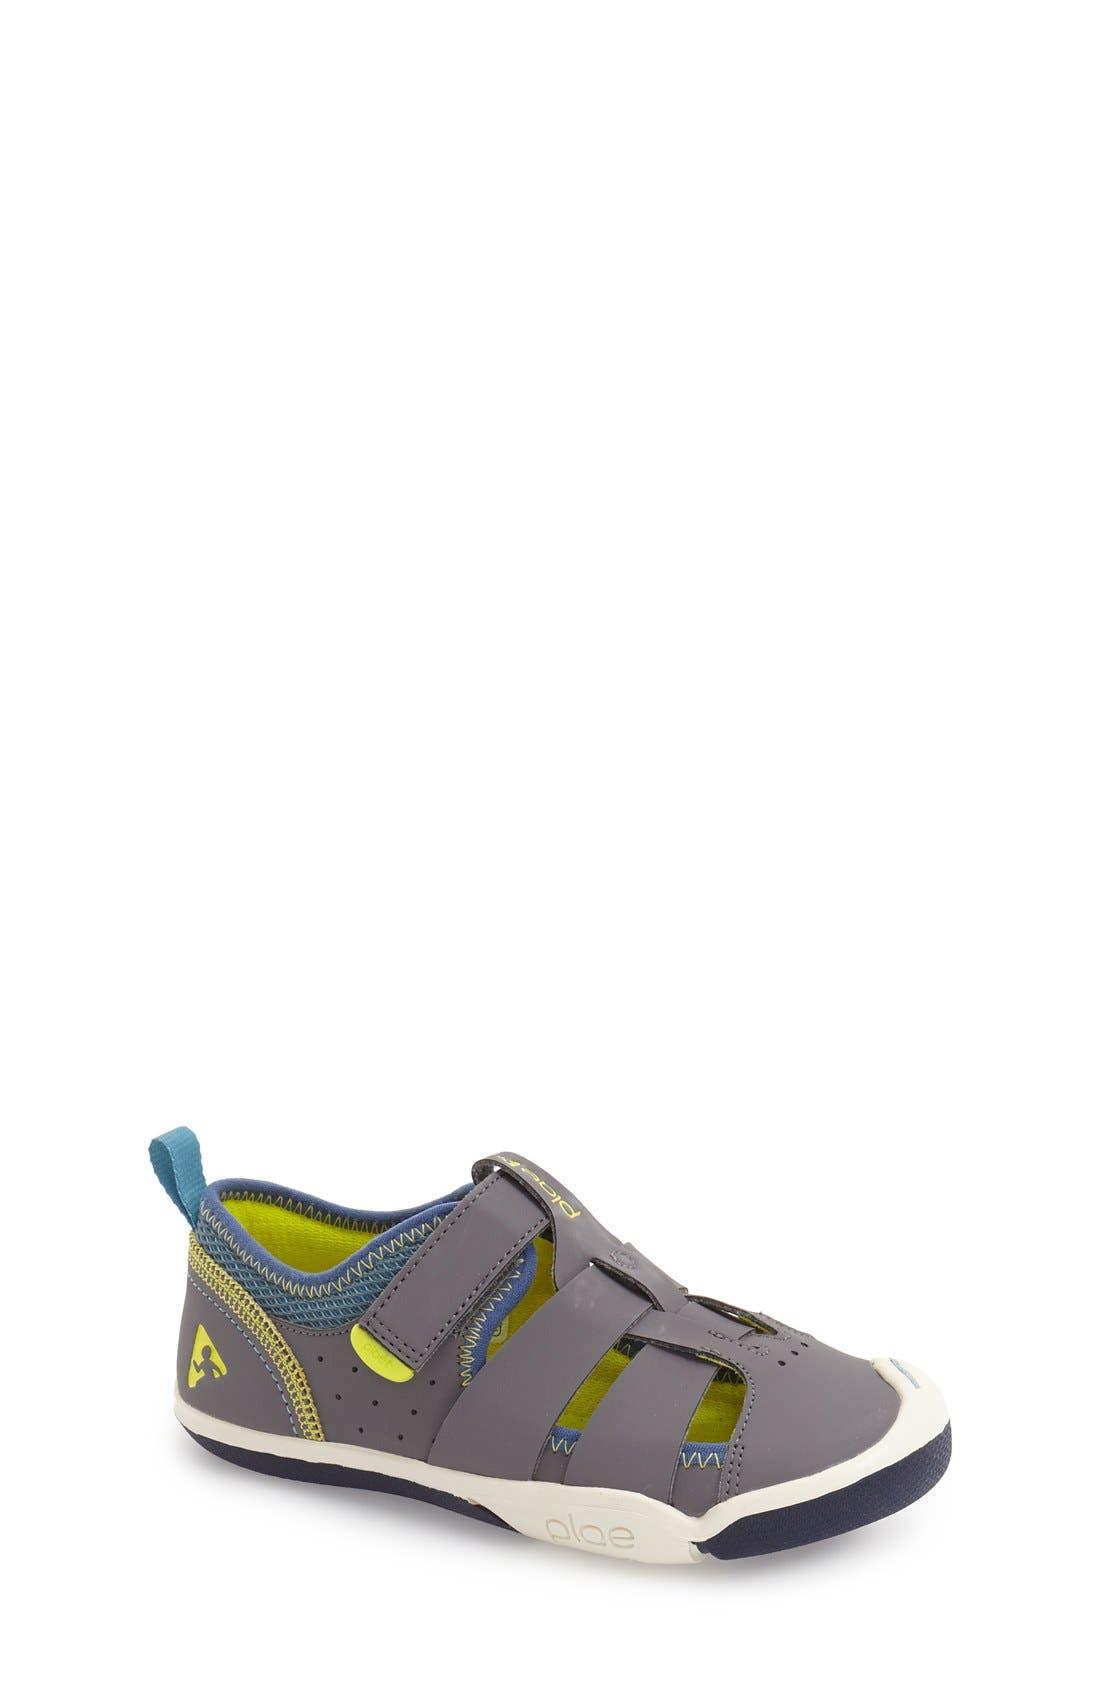 PLAE Sam Sneaker, Main, color, STEEL